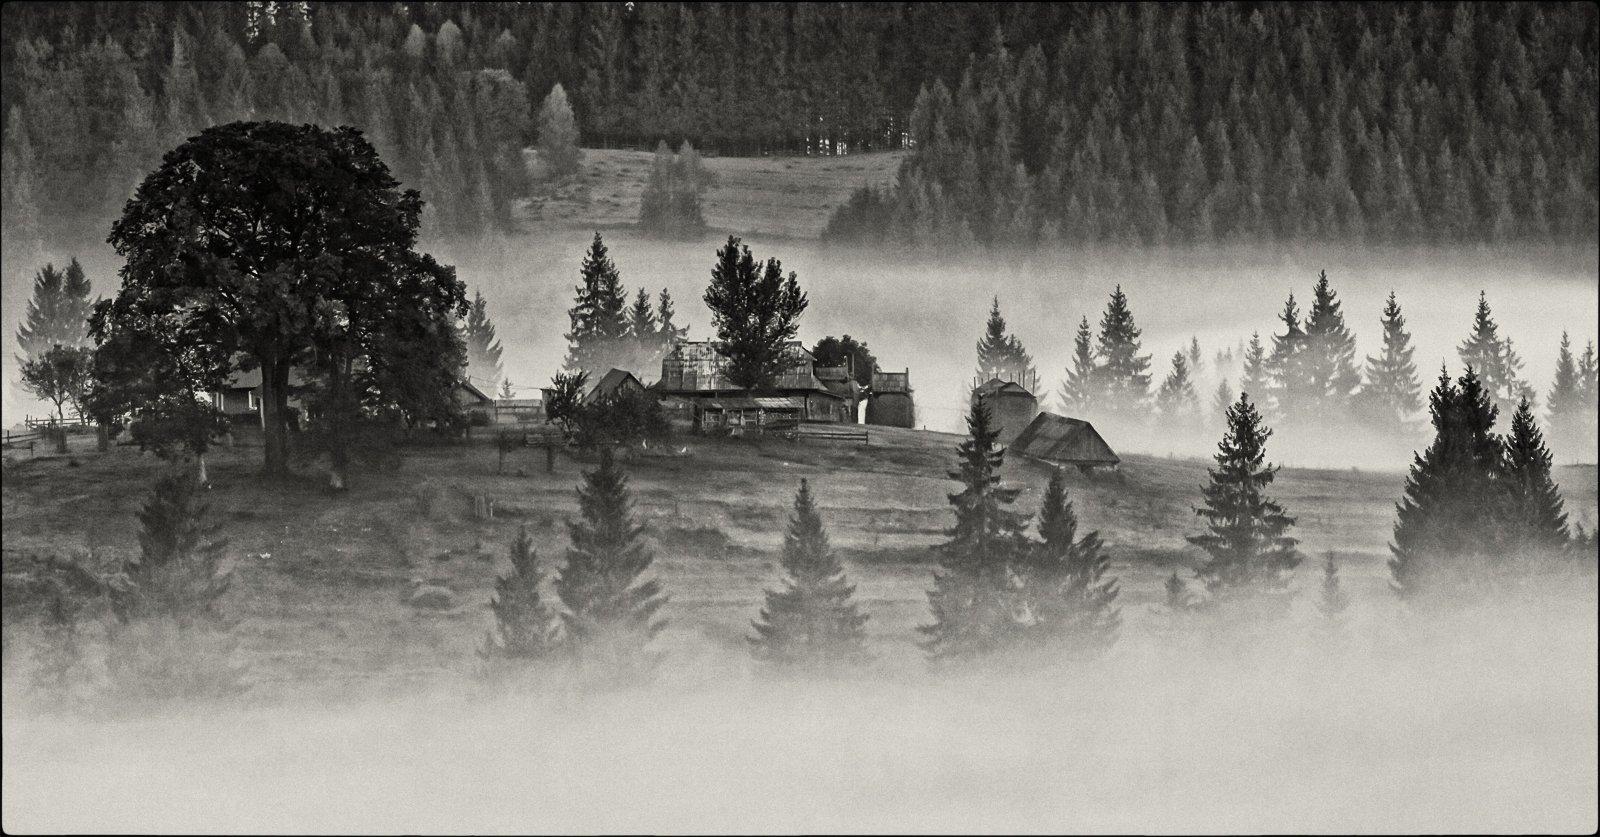 карпаты,осень, поселок, туман, утор,сенечив, Михаил Глаголев